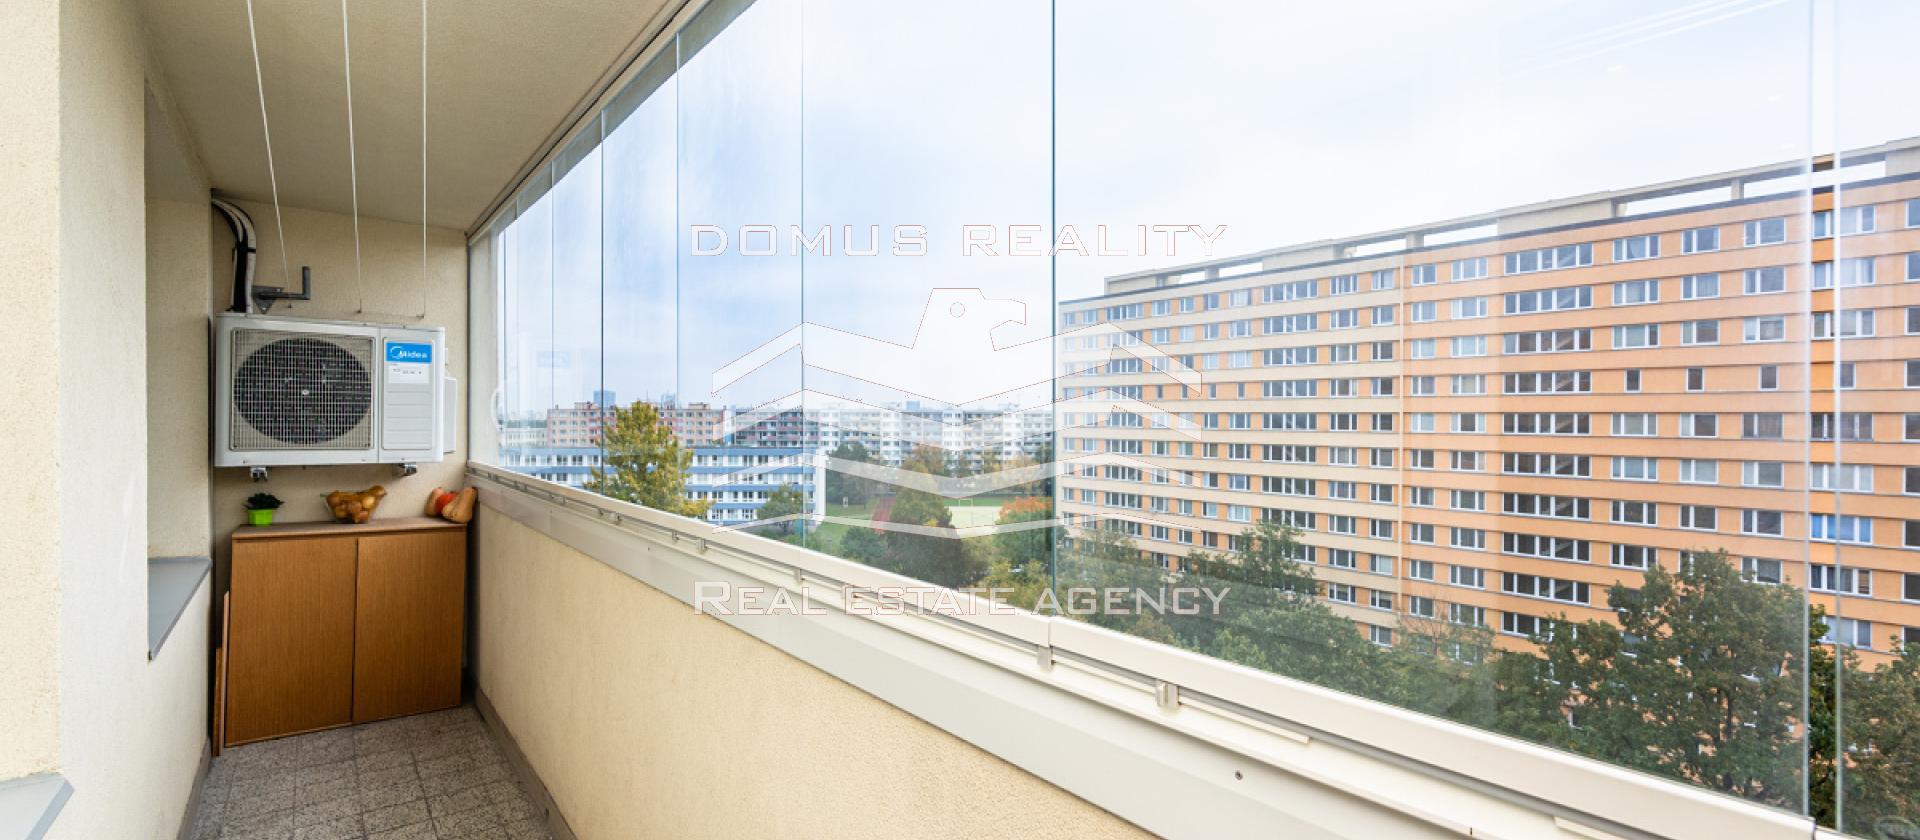 Nabízíme exklusivně k prodeji krásný byt v Praze 4 v Brániku o dispozici 3+KK